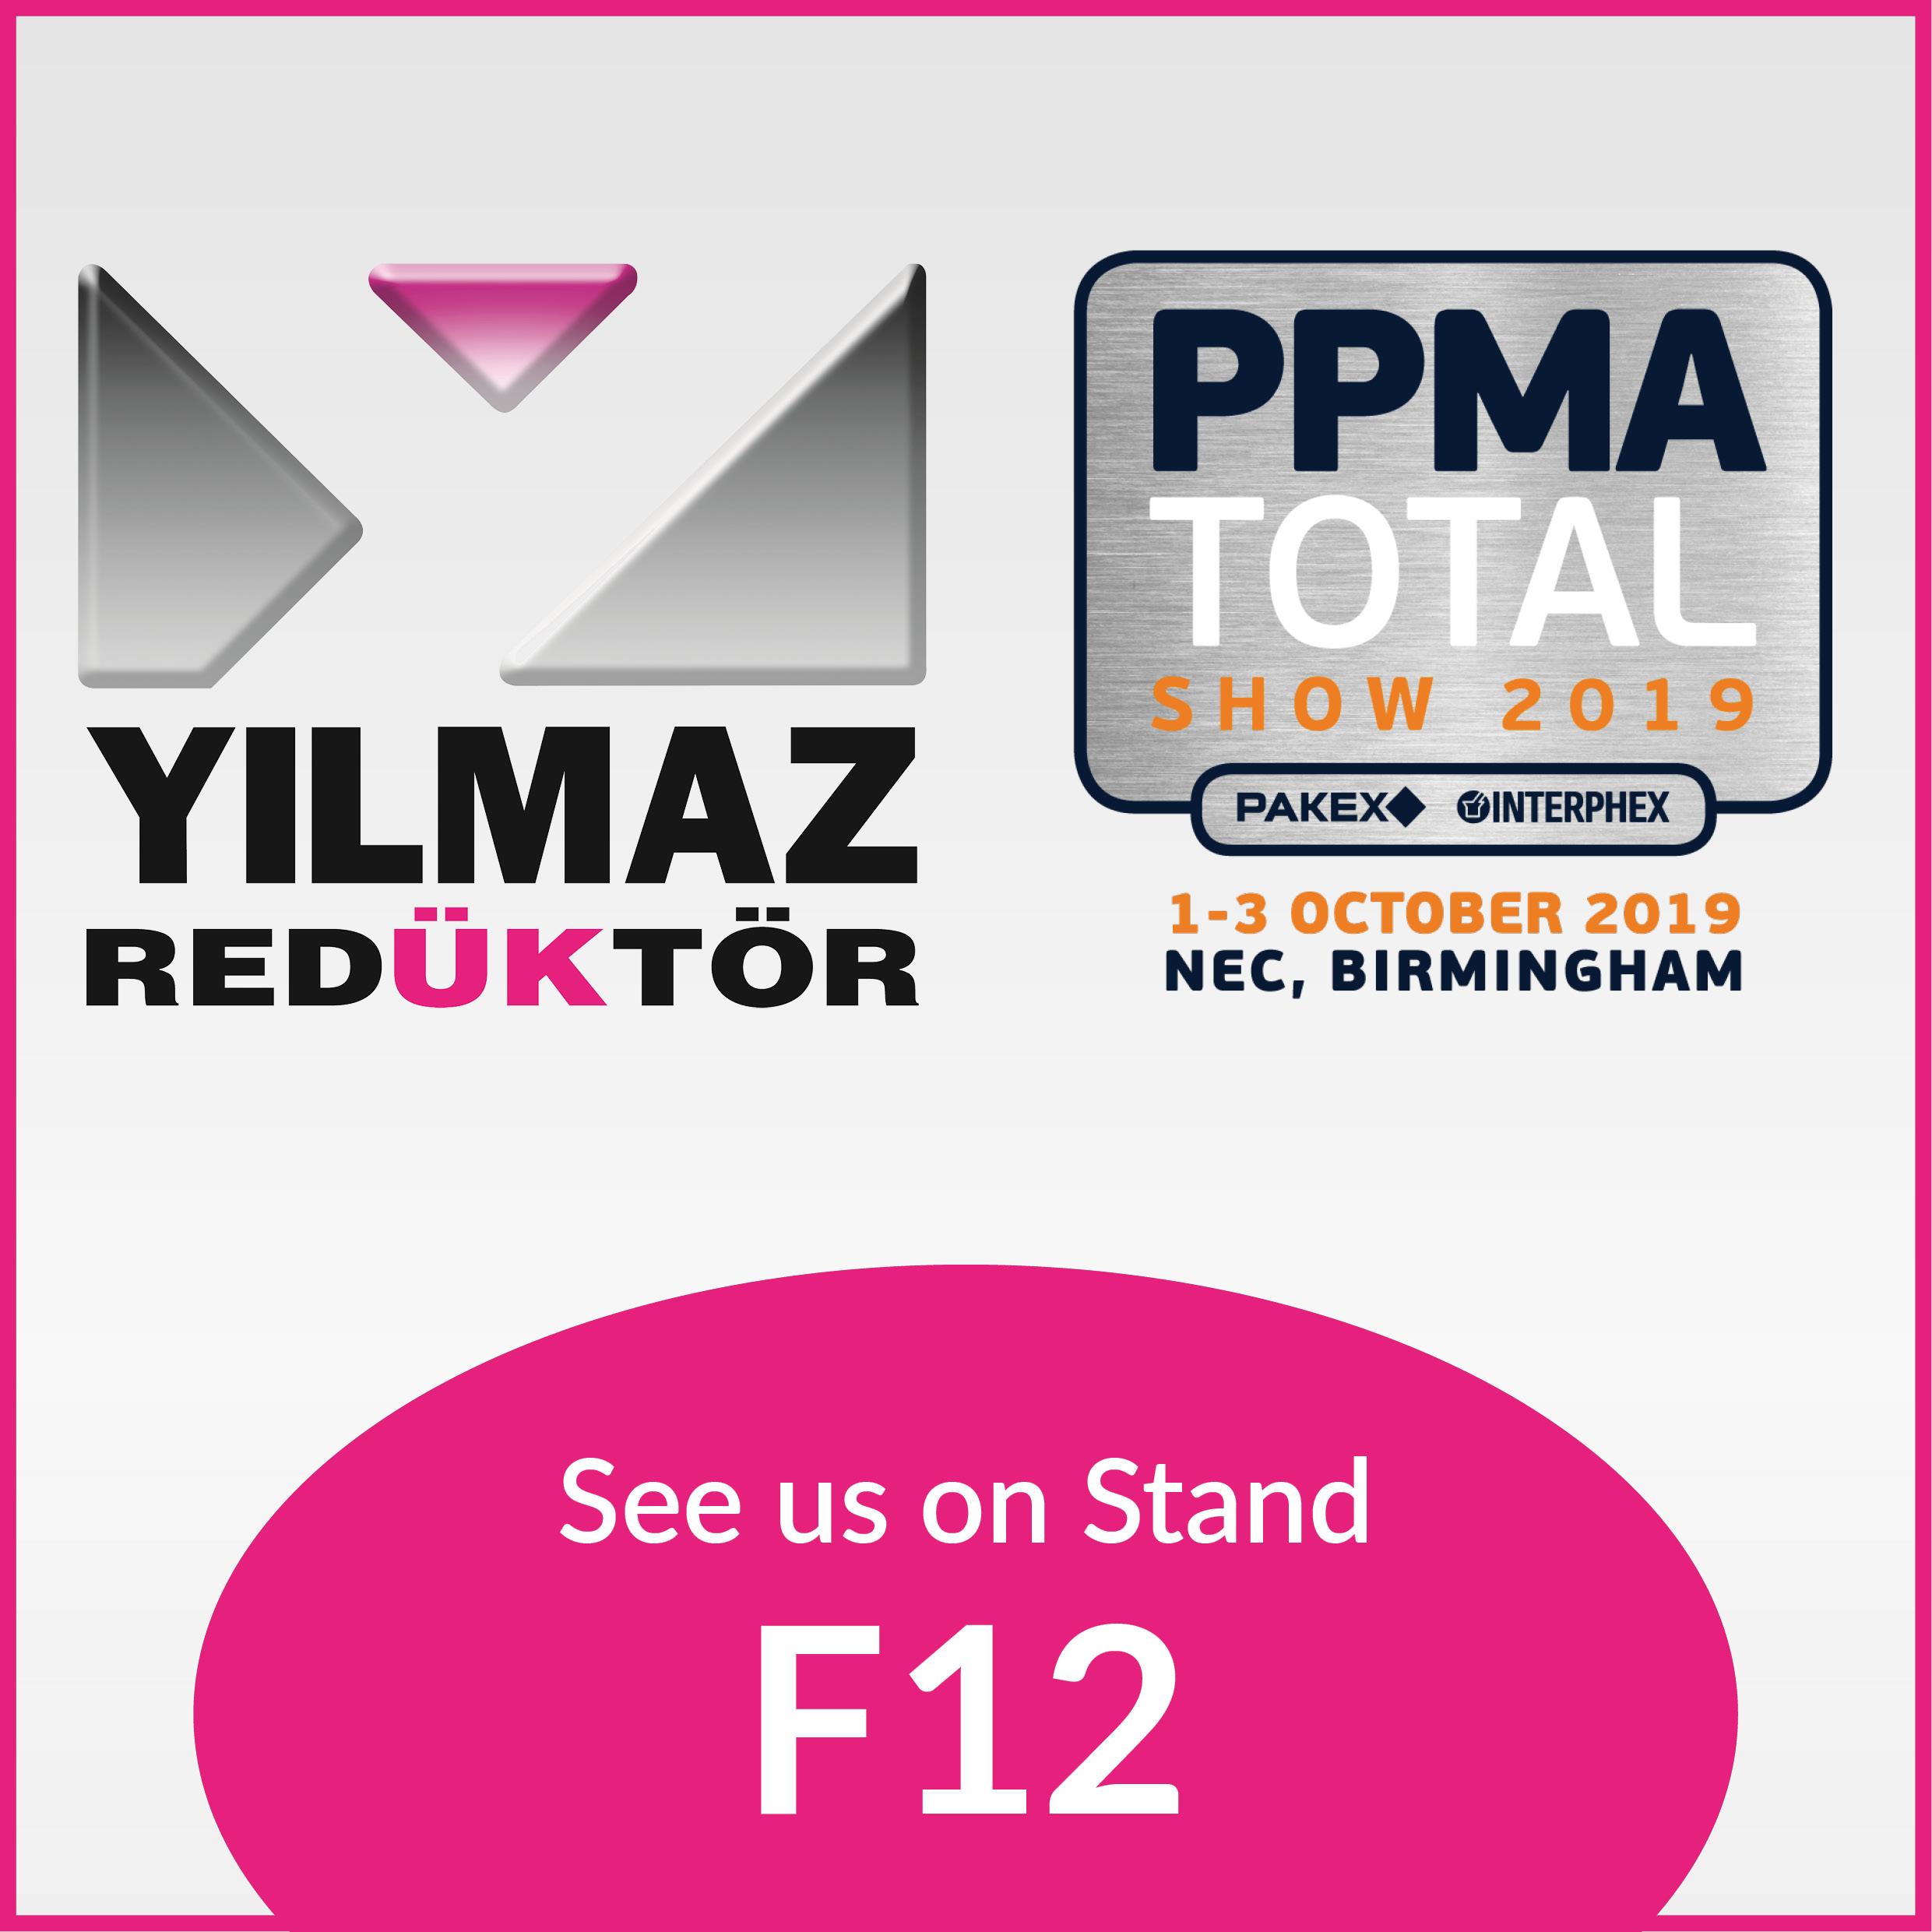 Yilmaz UK PPMA 2019